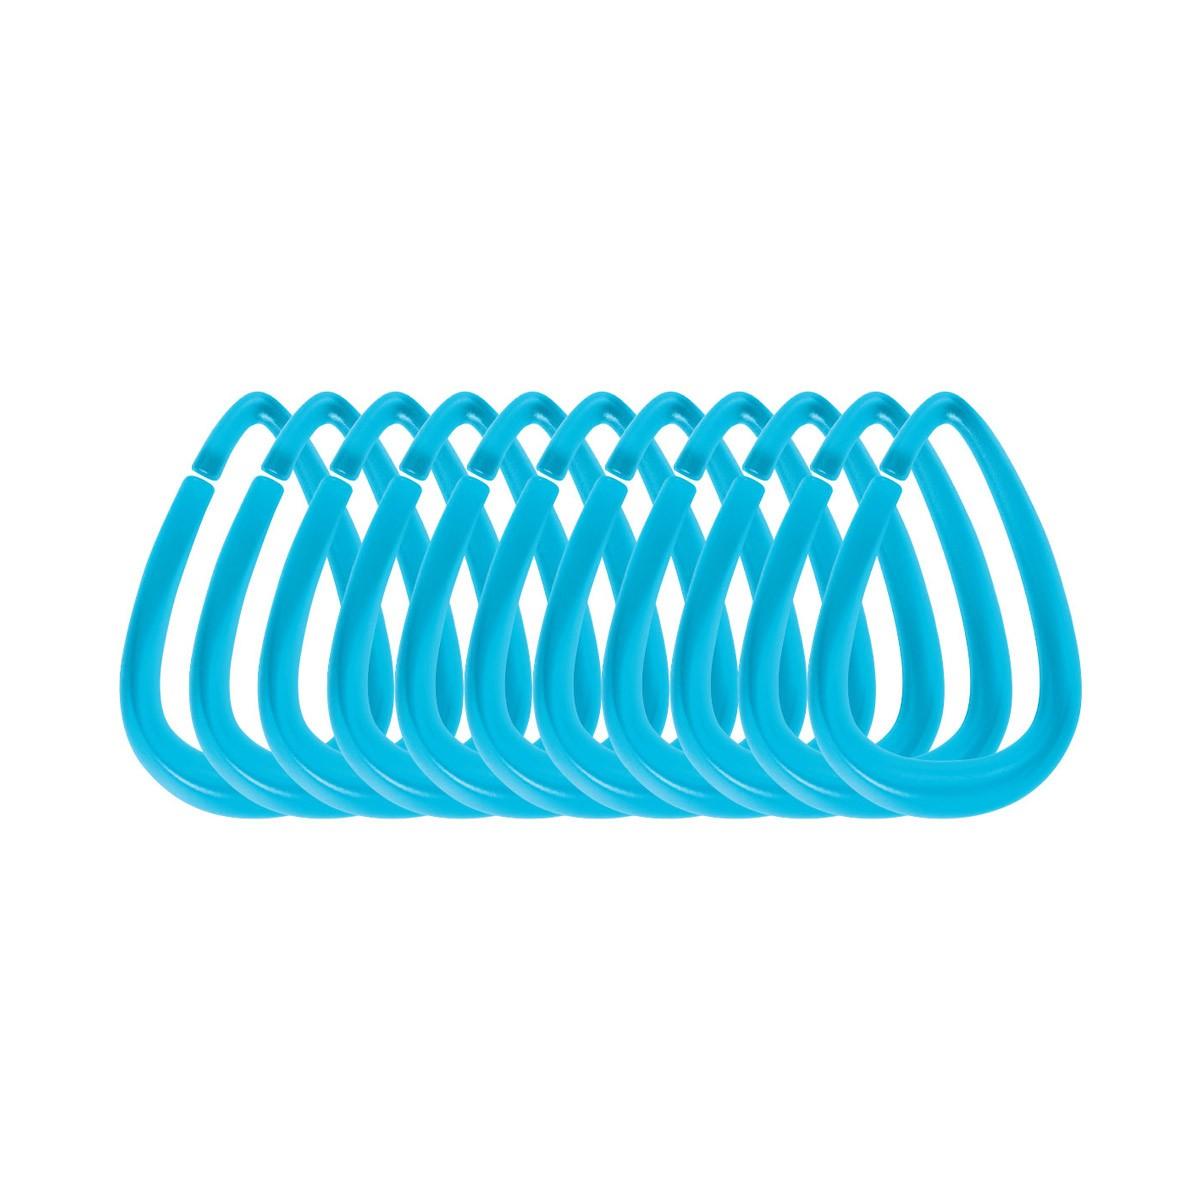 Κρίκοι Κουρτίνας Μπάνιου 12τμχ Spirella Drop 03819.002 Aqua